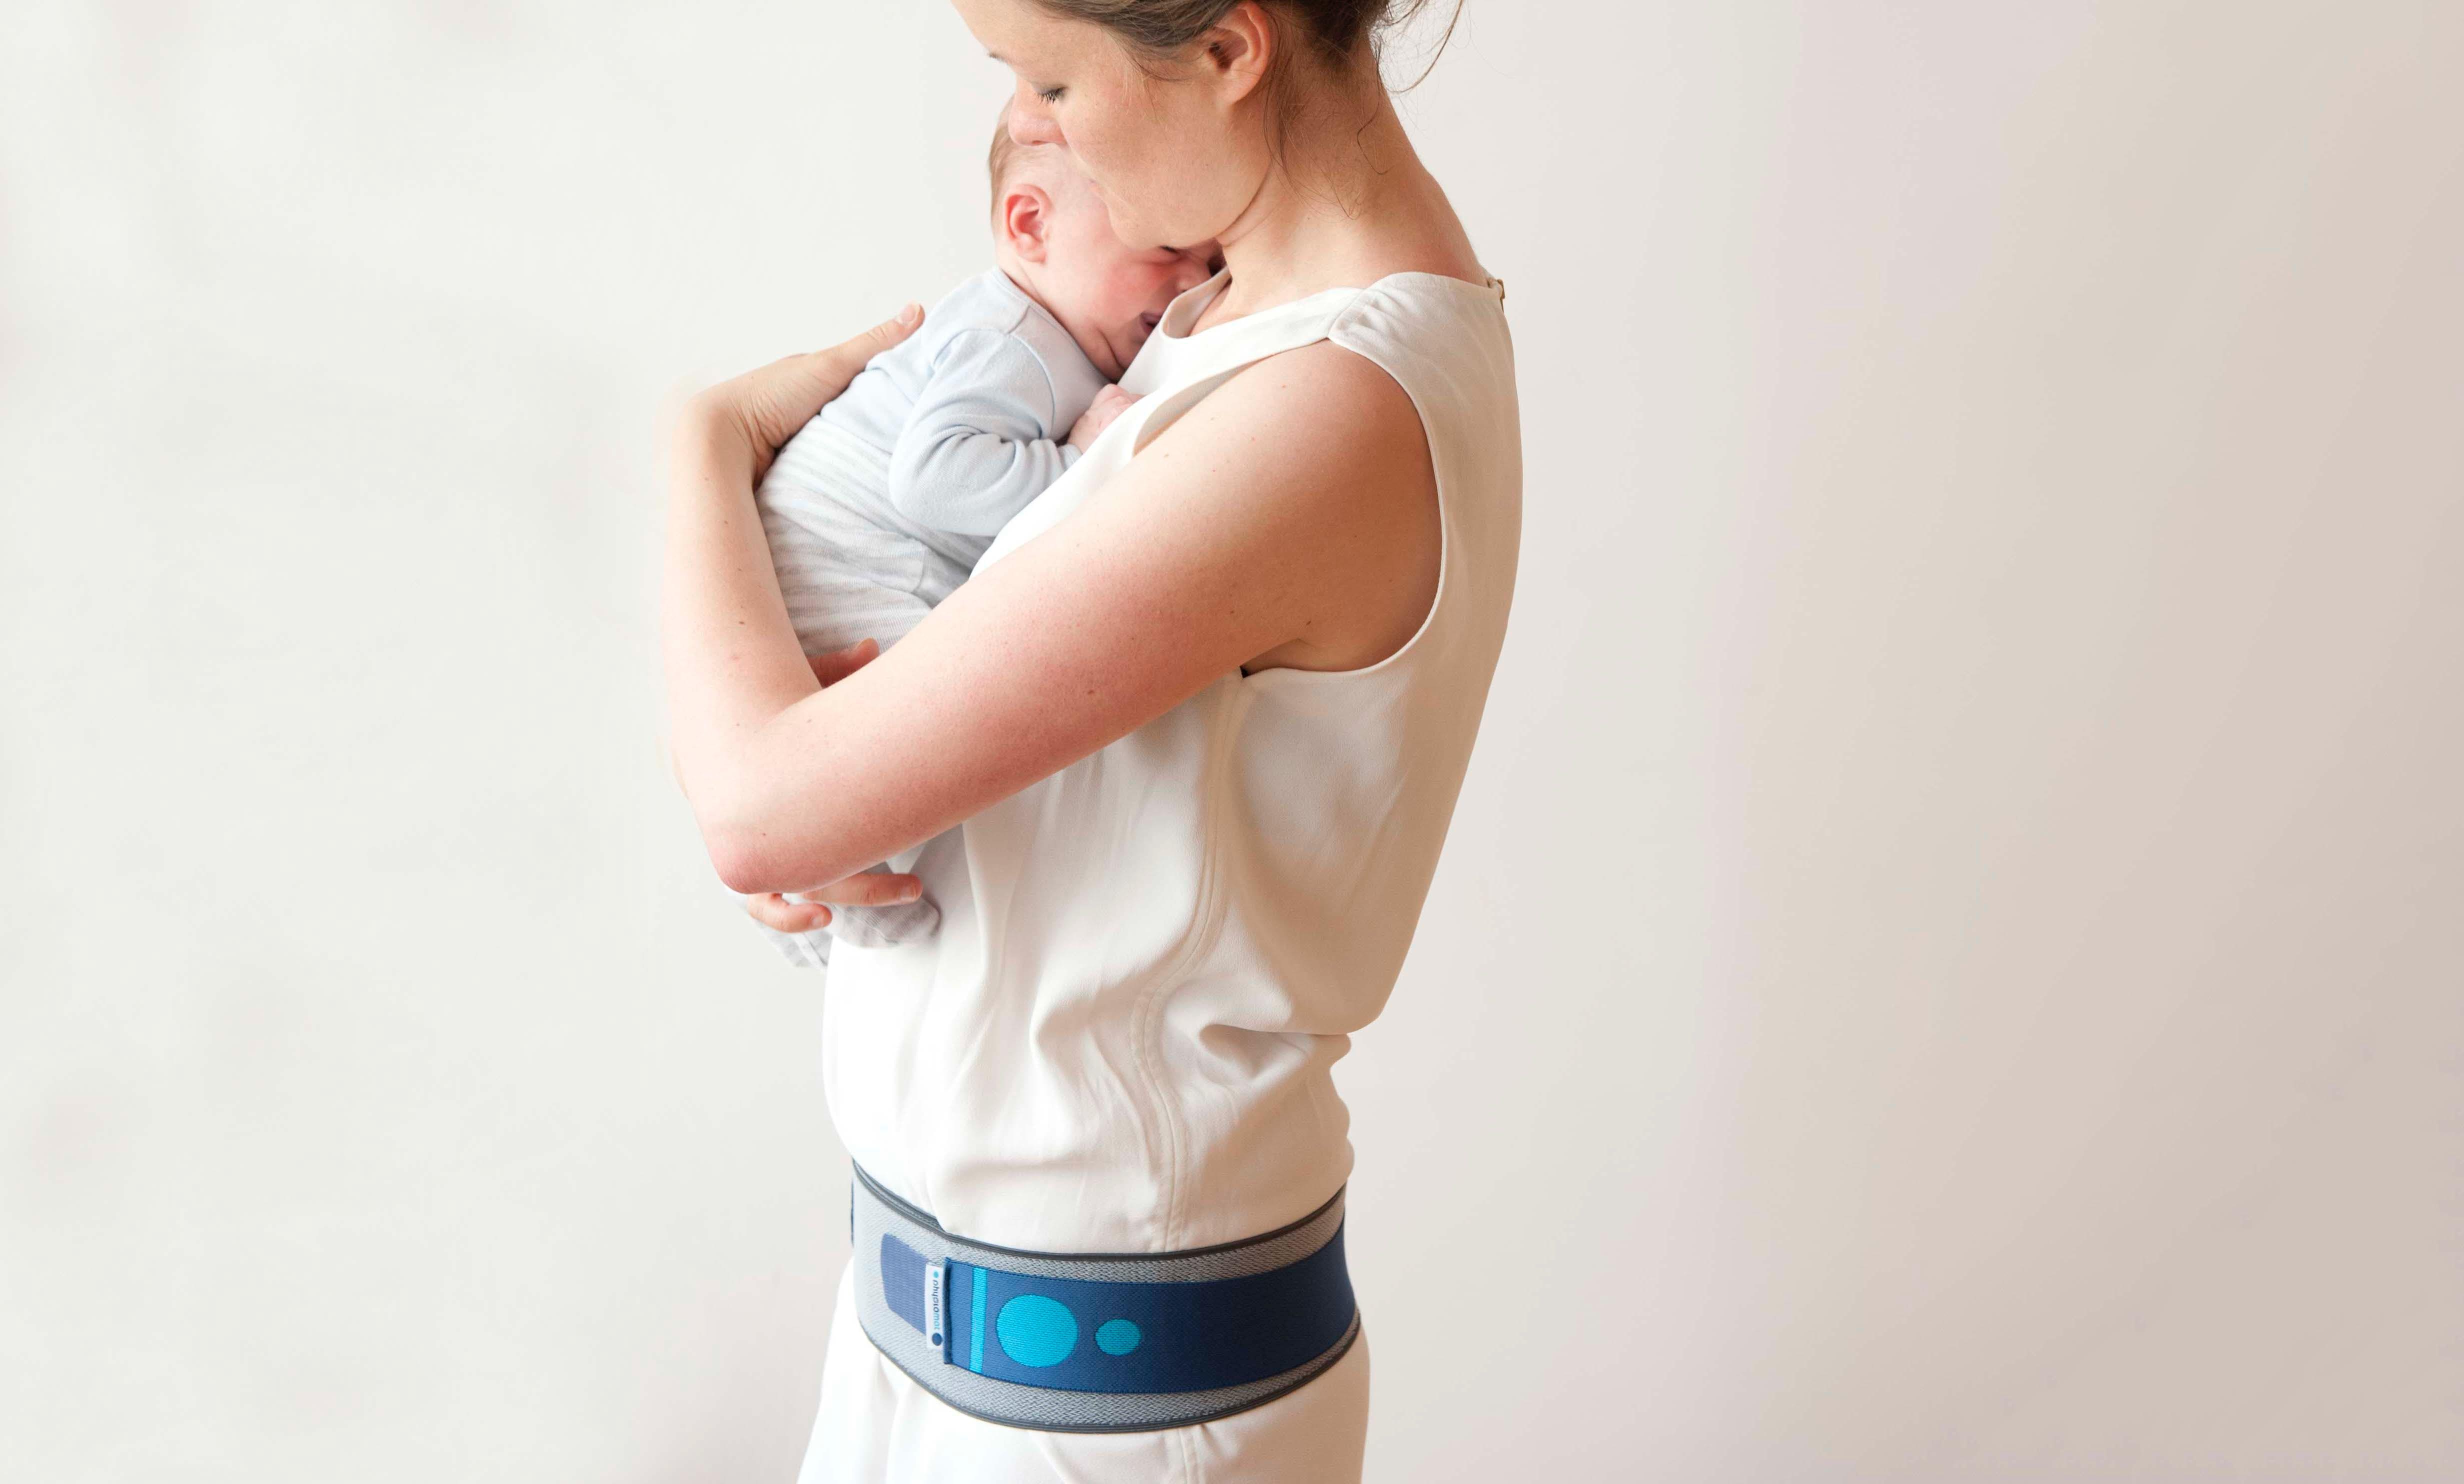 gamme exceptionnelle de styles magasin britannique couleur rapide Ceinture de maintien post-accouchement : notre avis | PARENTS.fr